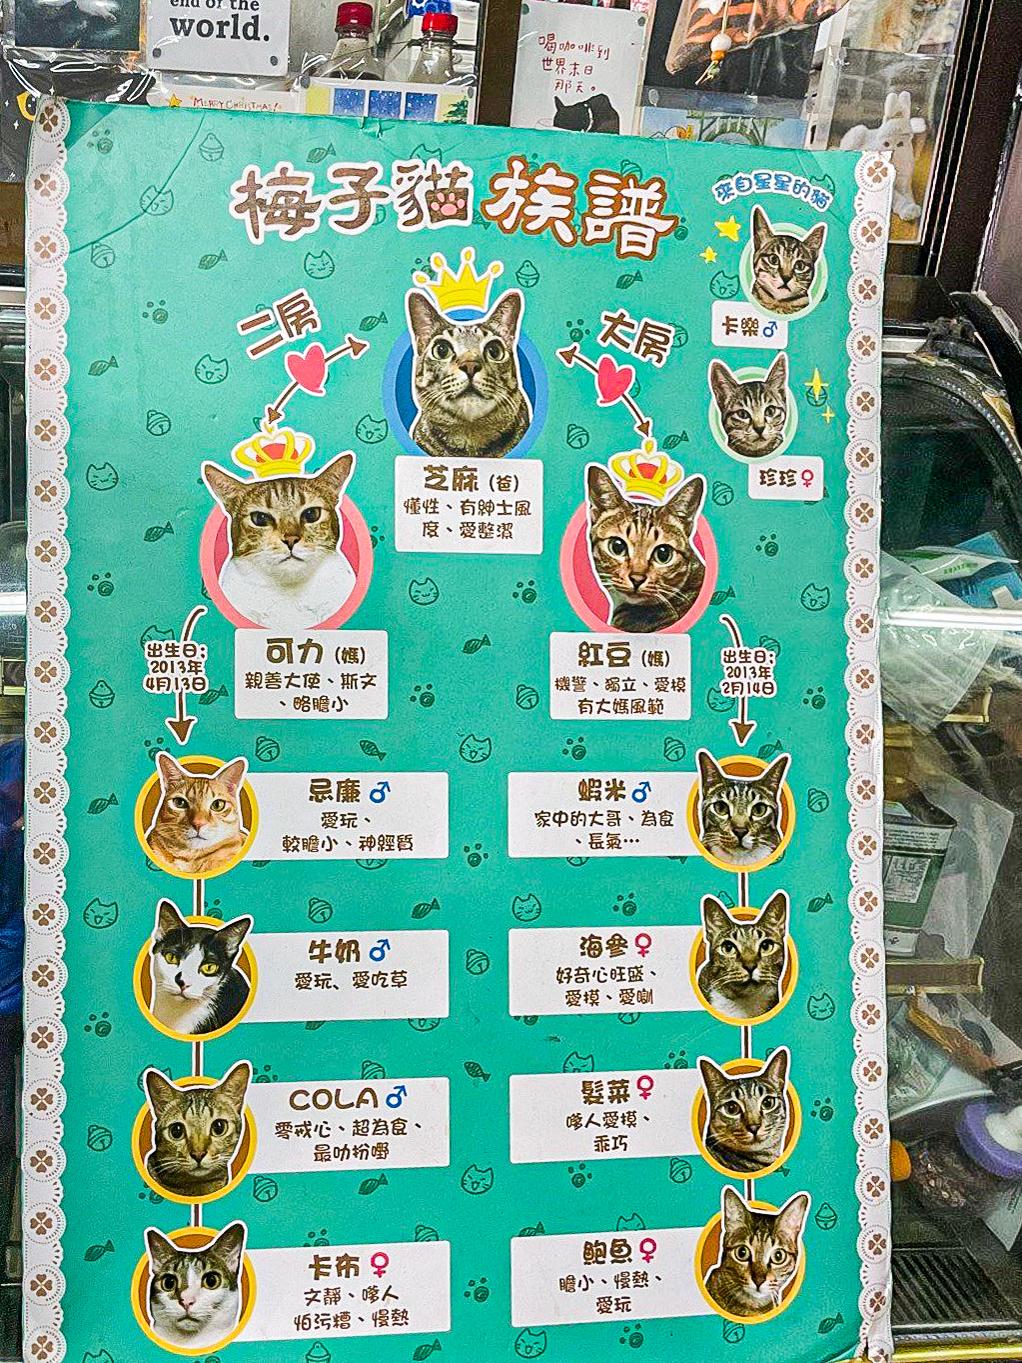 貓奴 寵物 貓Cafe 良心小店 主子 觀塘 梅子貓舍 芝麻一家 梅子貓族譜